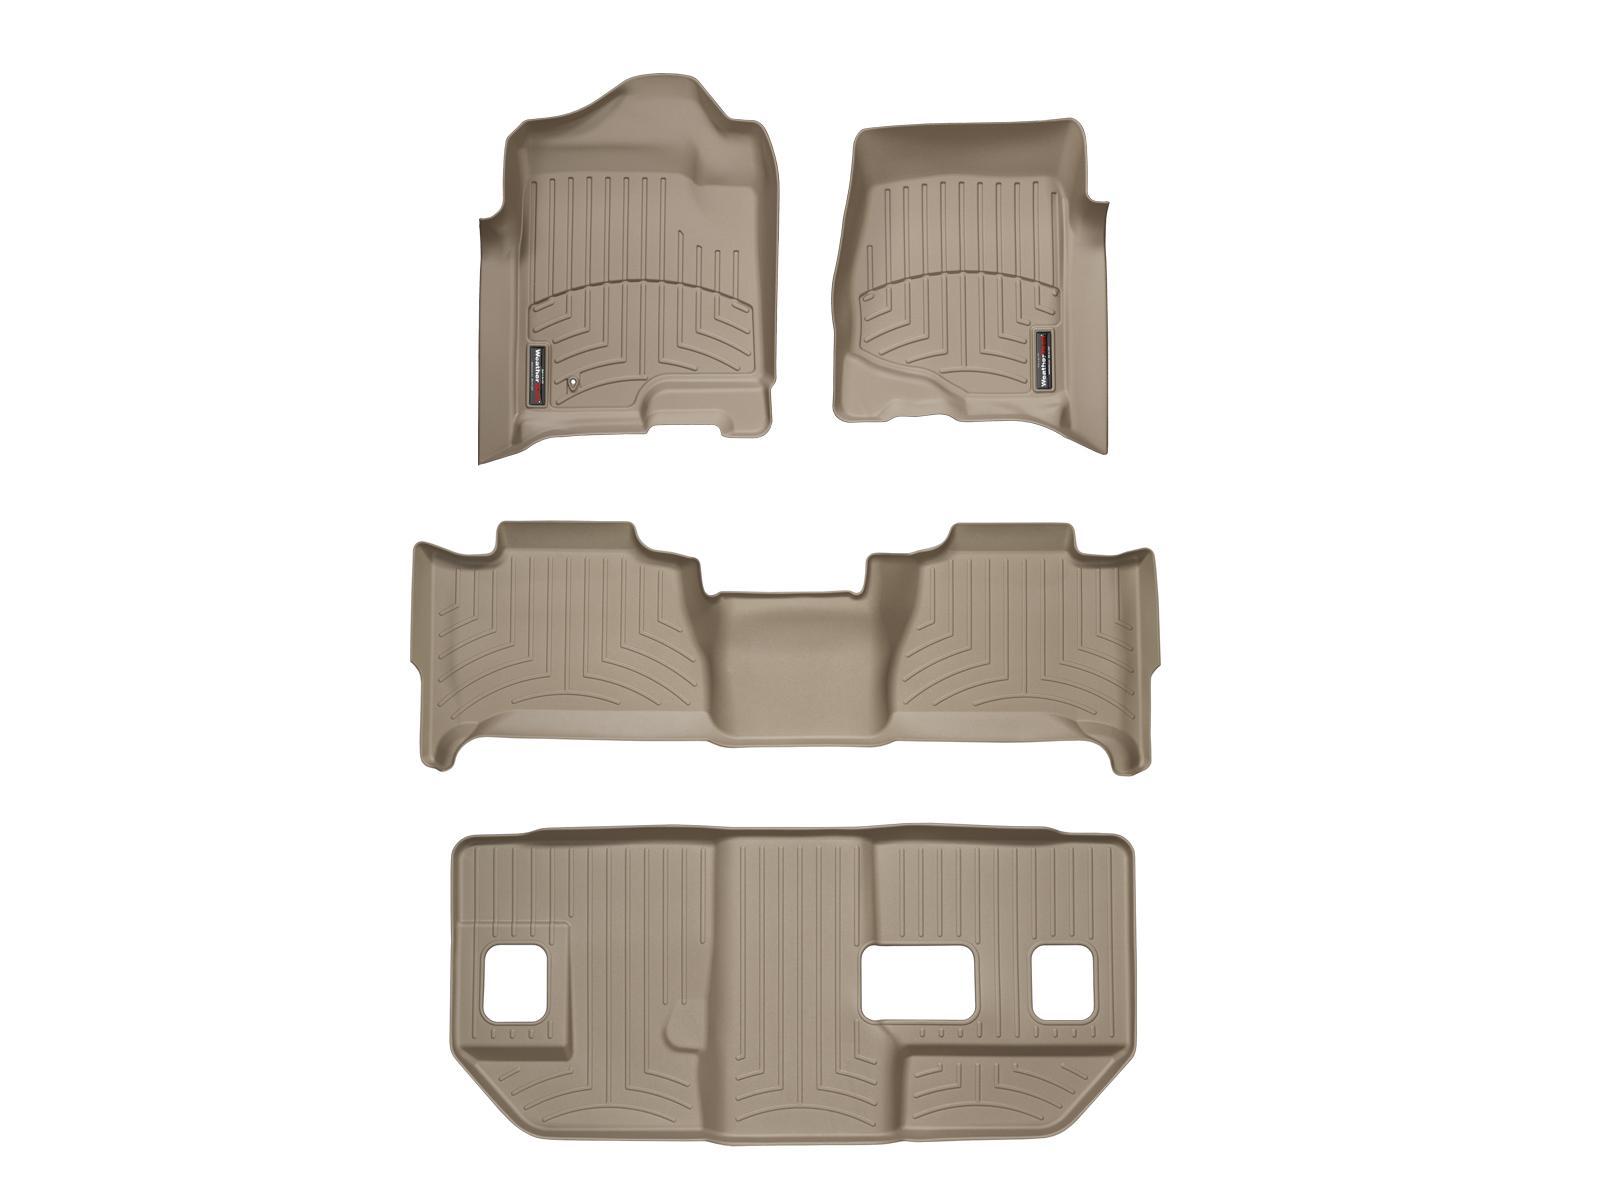 Tappeti gomma su misura bordo alto Cadillac Escalade ESV 07>10 Marrone A46*